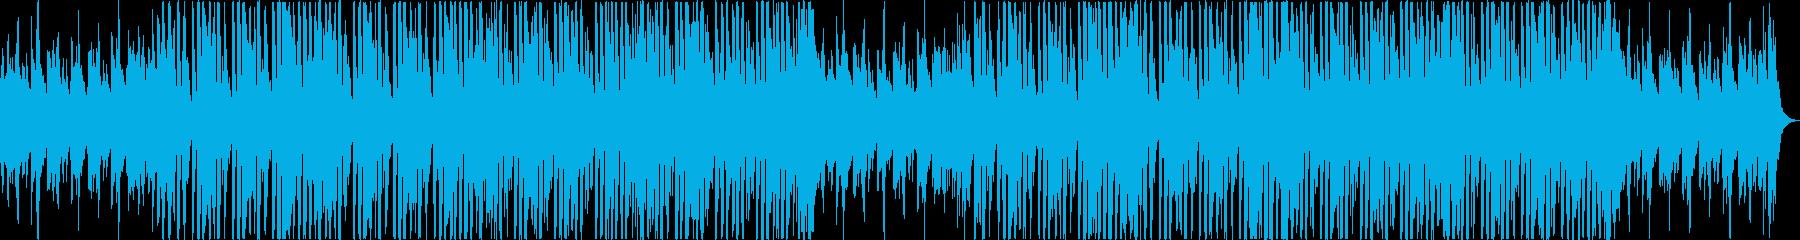 かわいいレトロ軽快エレクトロポップaの再生済みの波形